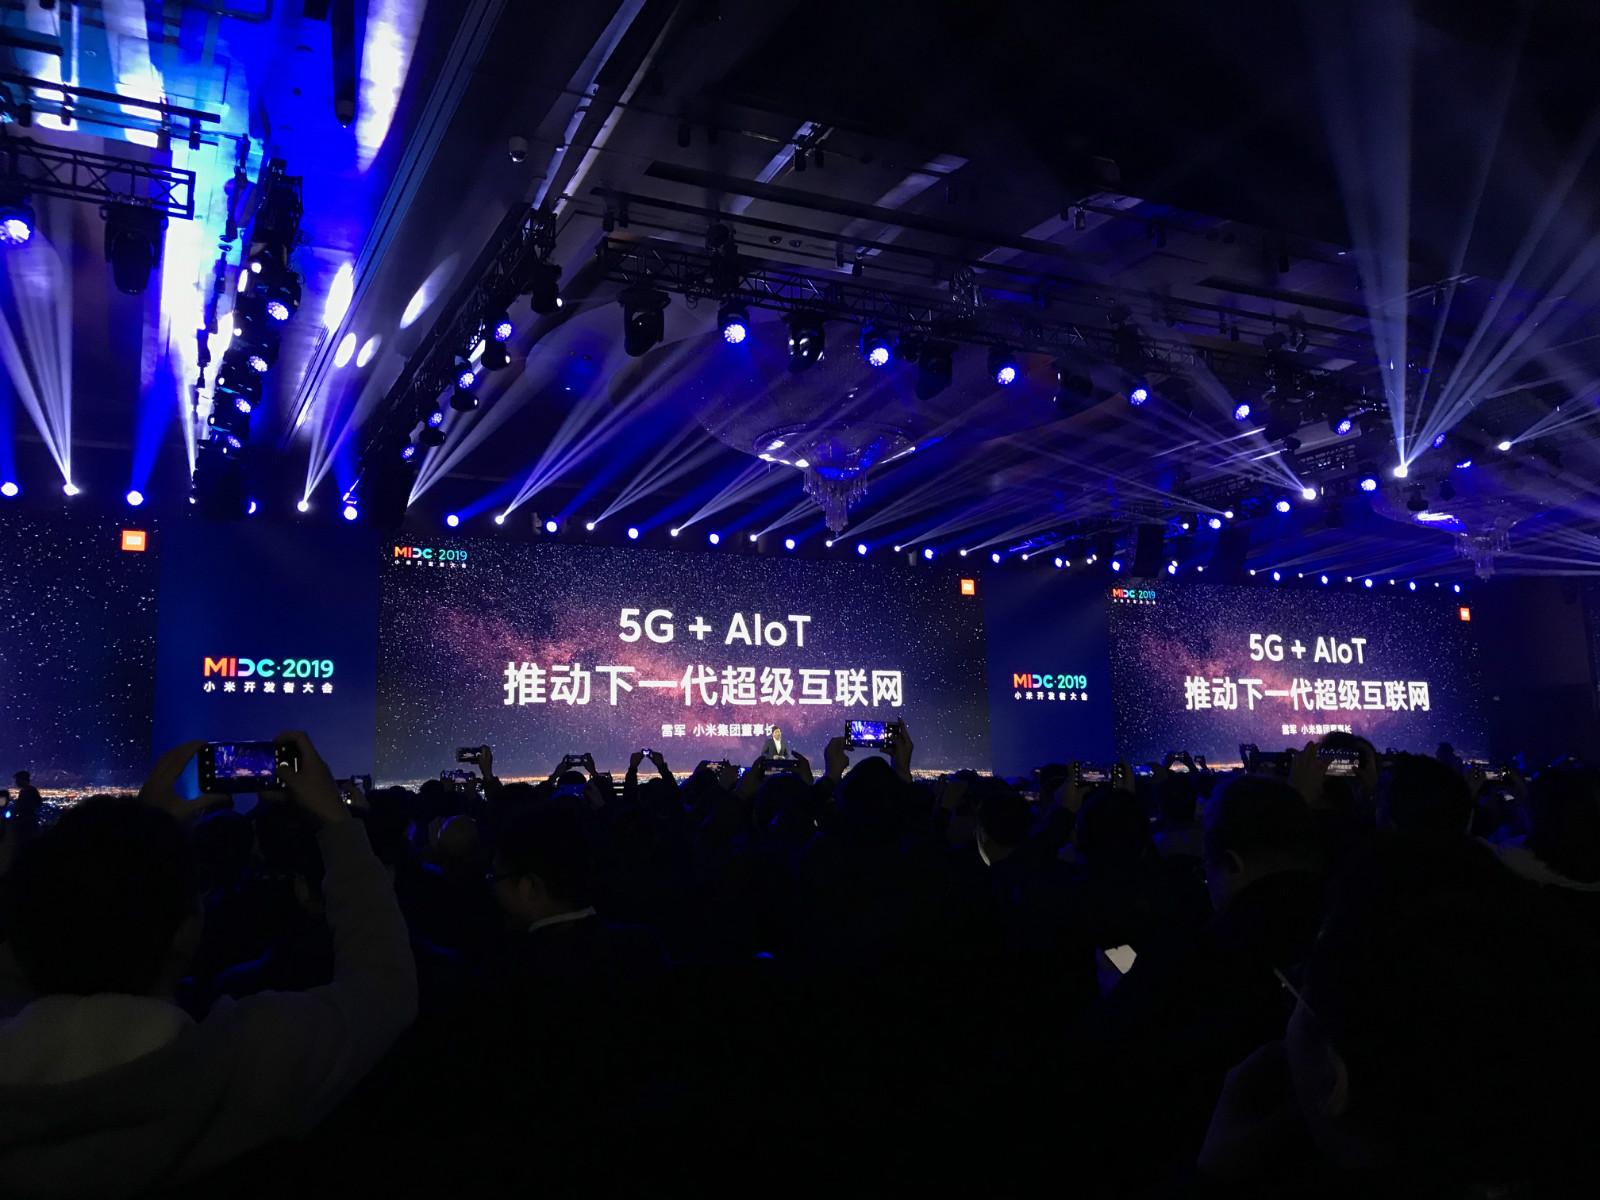 小米雷军:明年是5G手机市场起飞元年,将发布10款5G手机